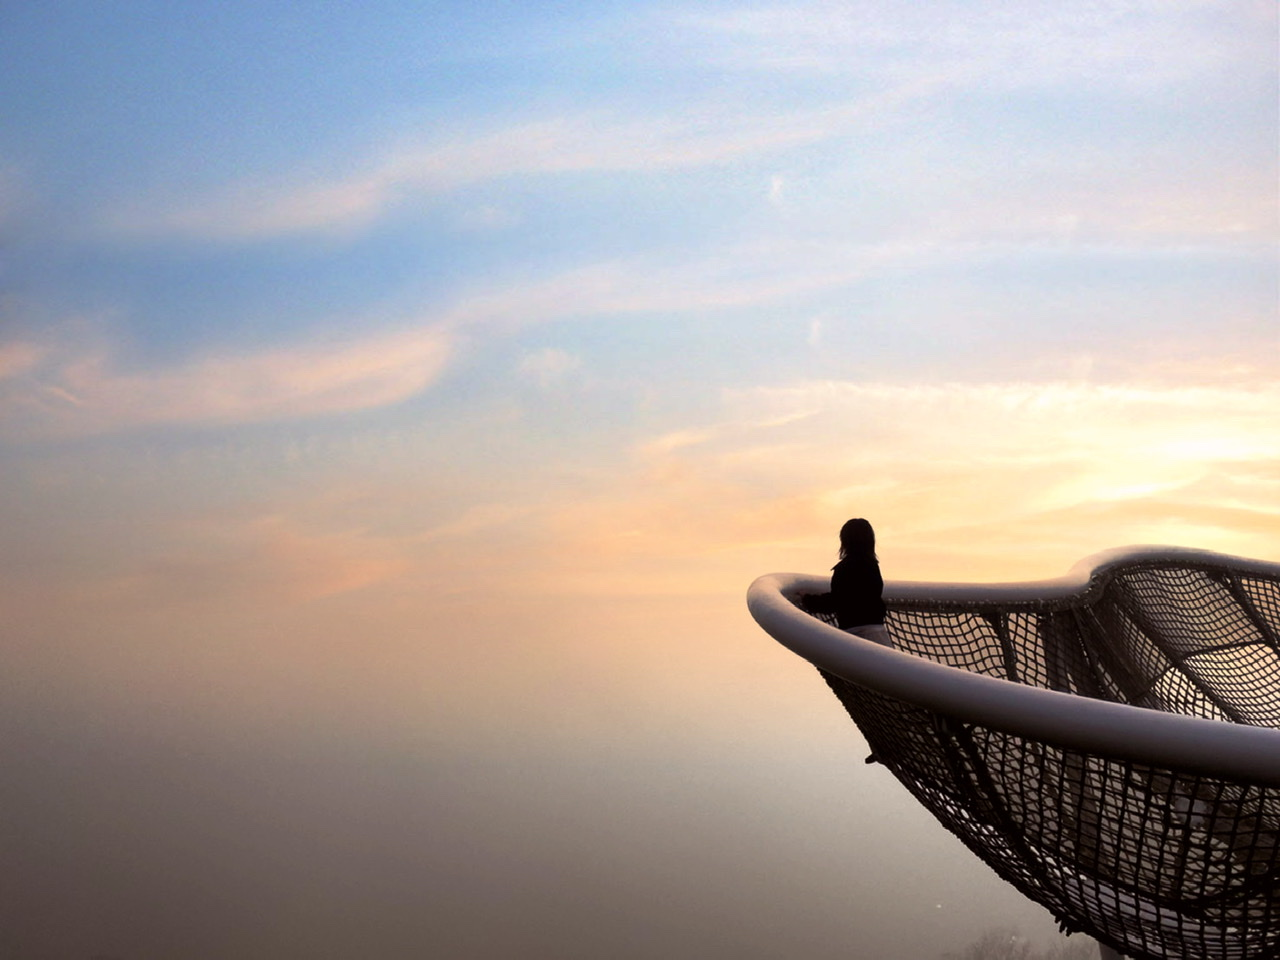 【星野リゾートトマム】雲の上で過ごす幻想的な朝!絶景スポット《雲海テラス》をご紹介★_4